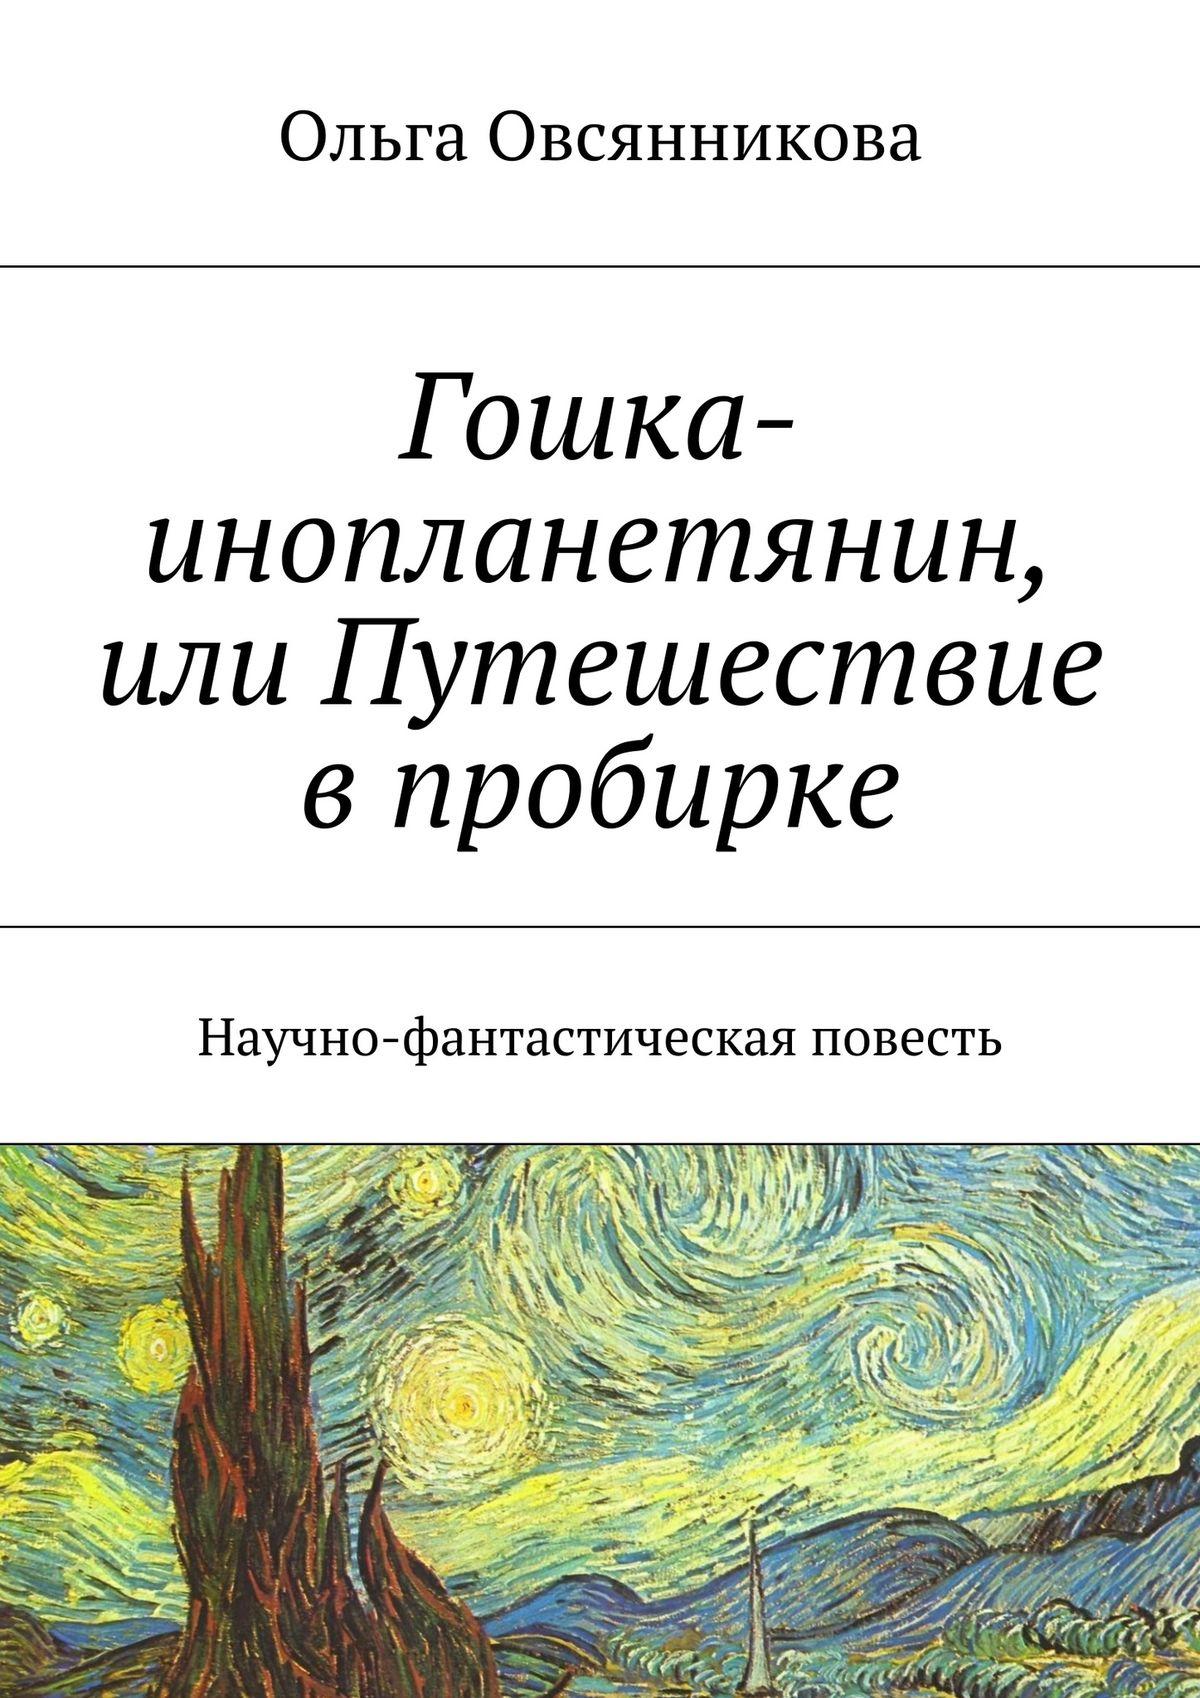 цены на Ольга Овсянникова Гошка-инопланетянин, или Путешествие в пробирке. Научно-фантастическая повесть